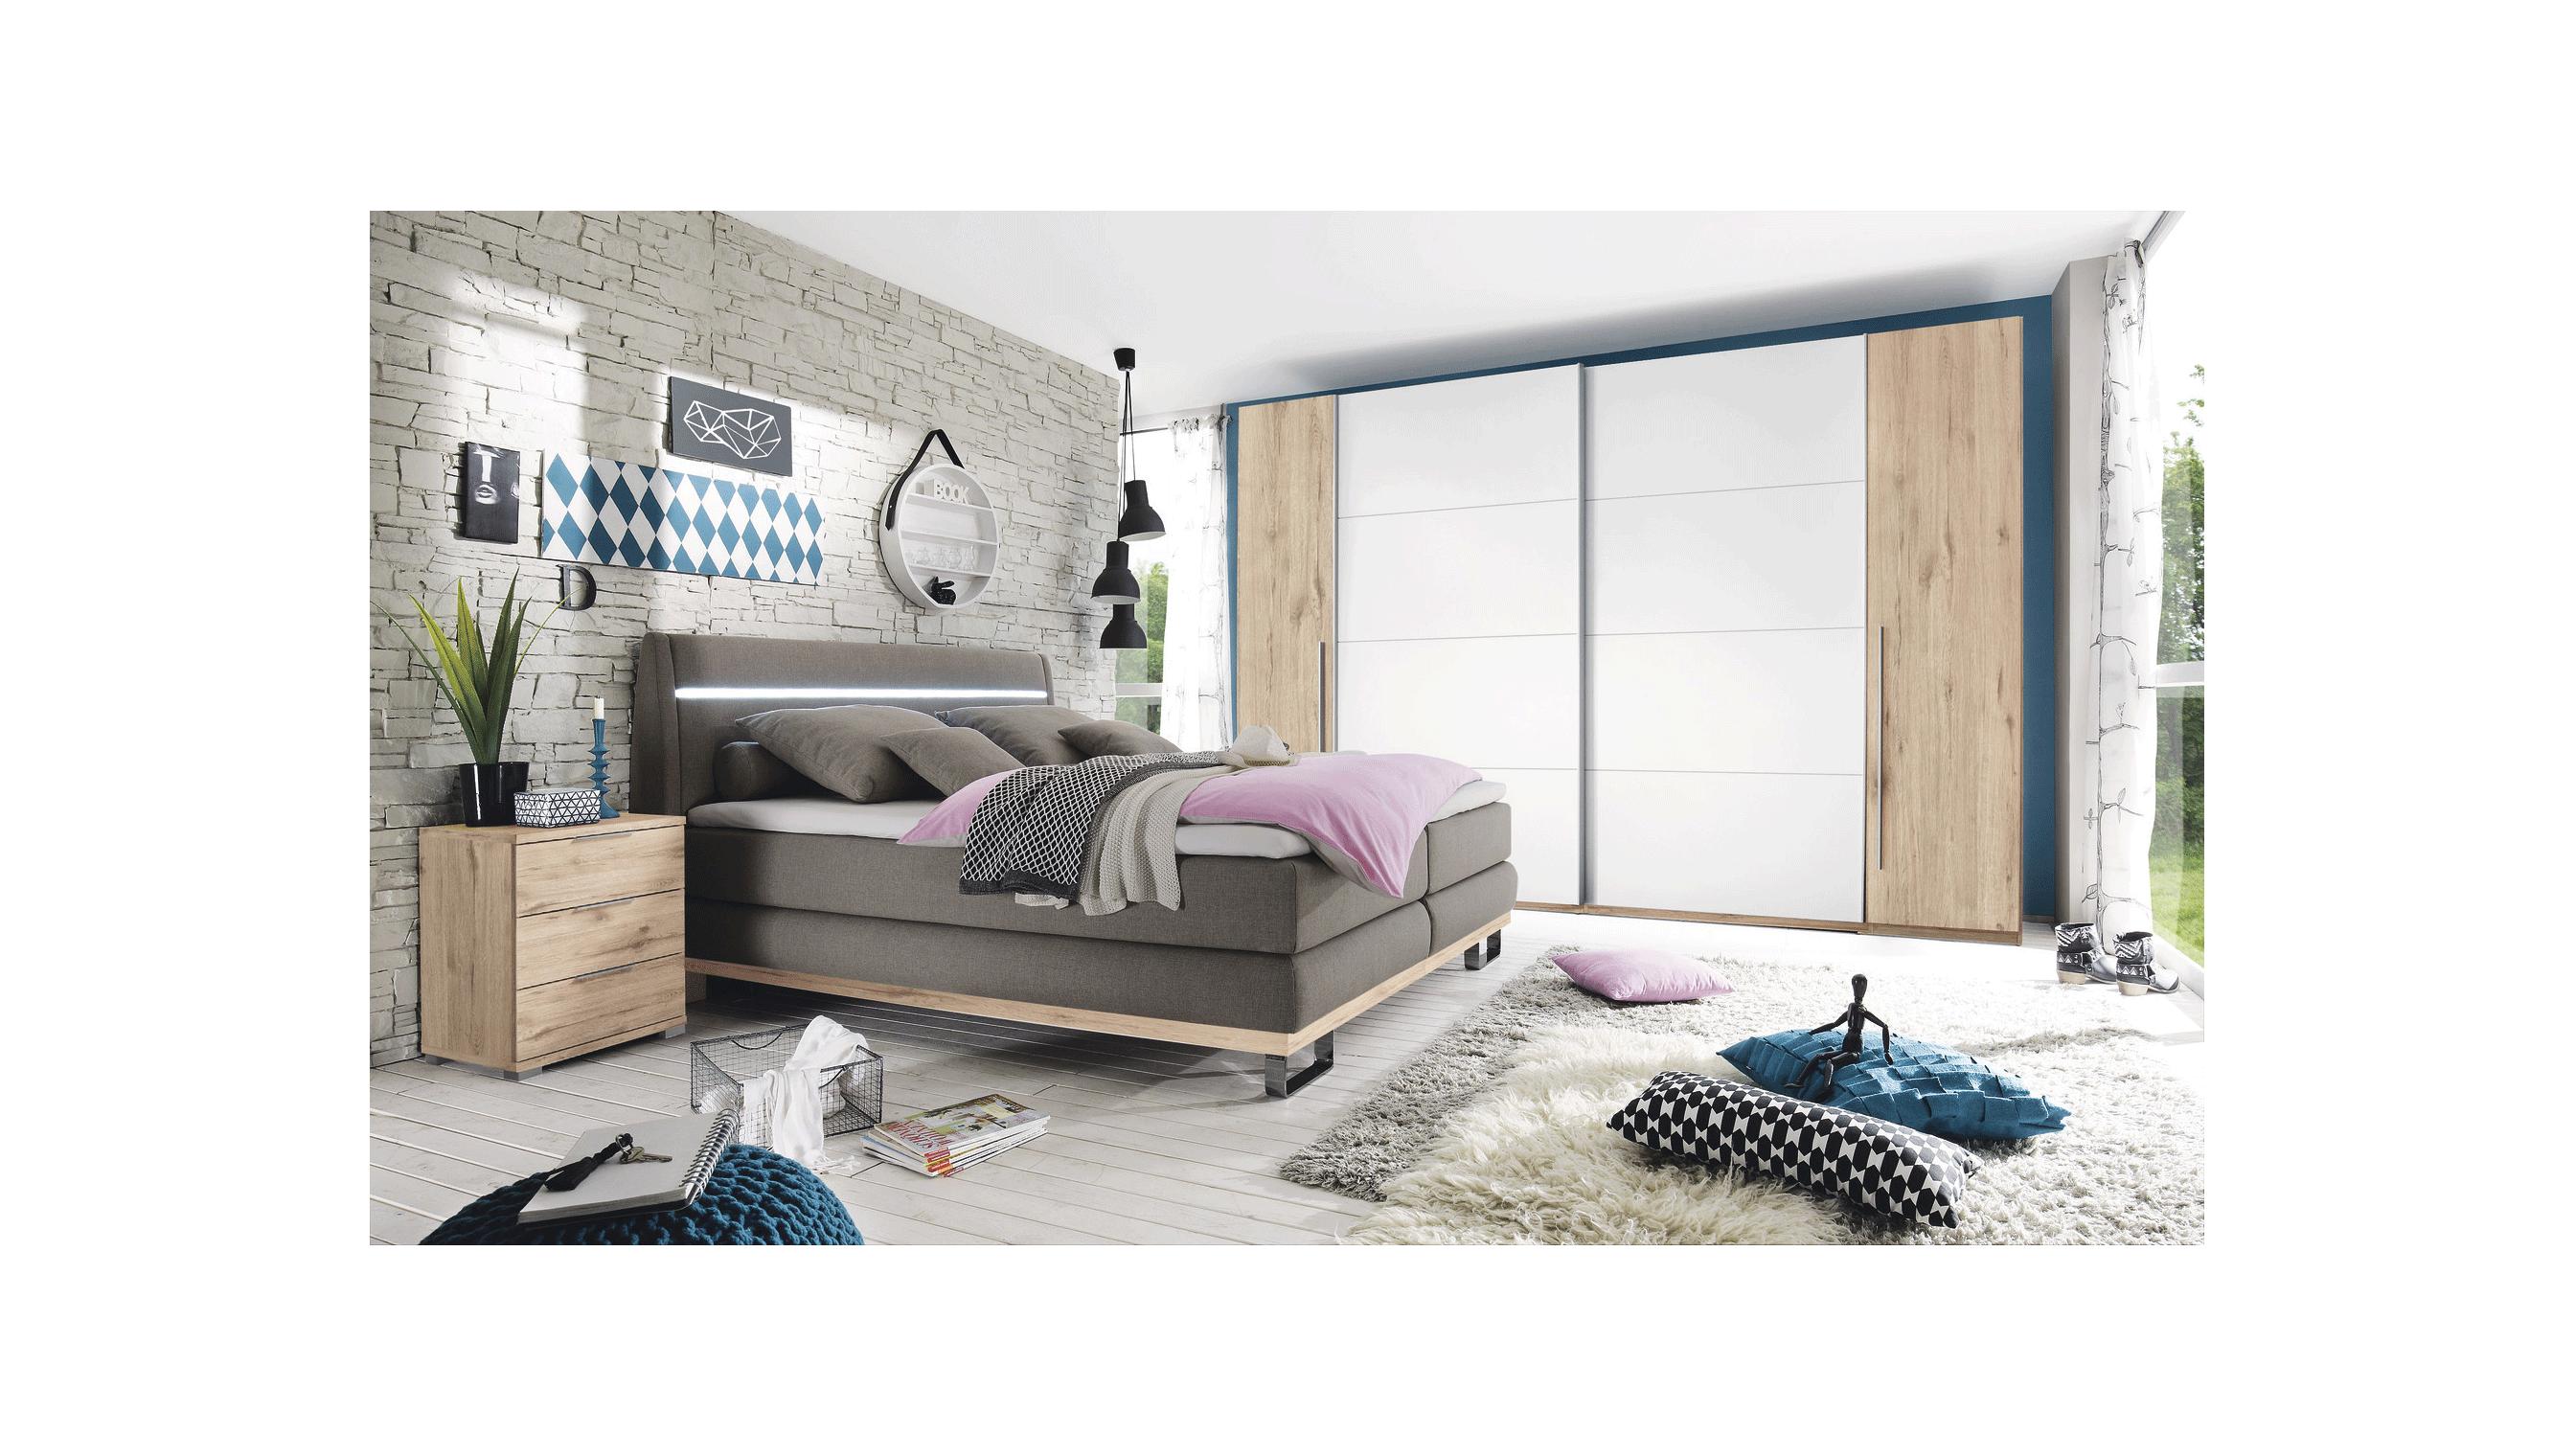 kombi kleiderschrank sandeiche nb wei spilger s sparmaxx. Black Bedroom Furniture Sets. Home Design Ideas